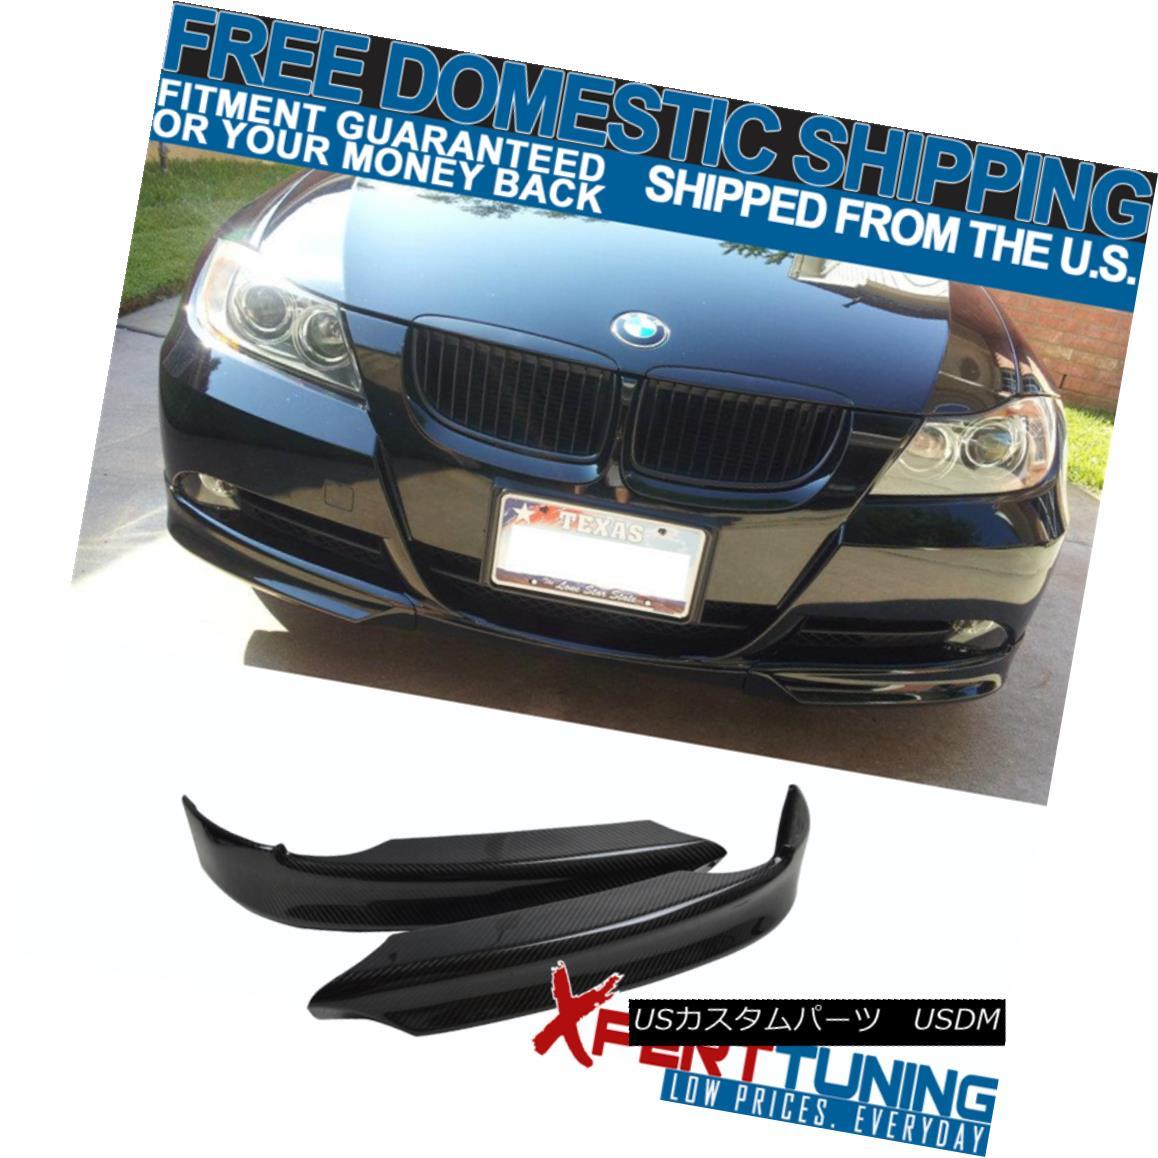 2021年春の エアロパーツ 06 3 07 CF 08 BMW 3 Splitter Series E90 OE Style Carbon Fiber CF Front Splitter Lip 06 07 08 BMW 3シリーズE90 OEスタイルカーボンファイバーCFフロントスプリッターリップ, 激安PCショップ:59a83886 --- esef.localized.me